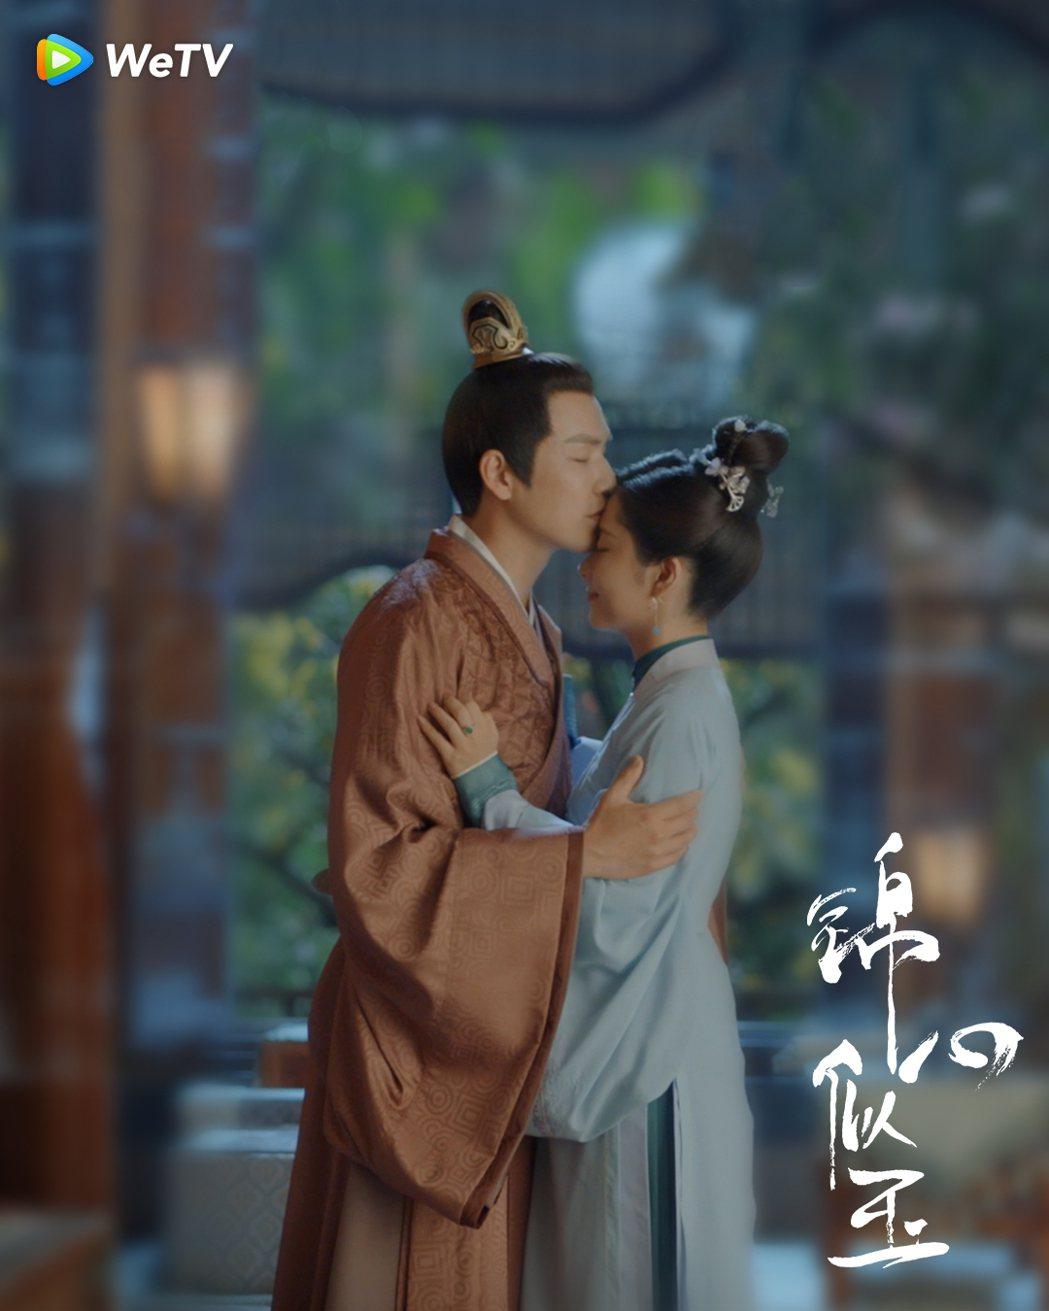 鍾漢良(左)與譚松韻在「錦心似玉」中的親密戲好事多磨。圖/WeTV海外站